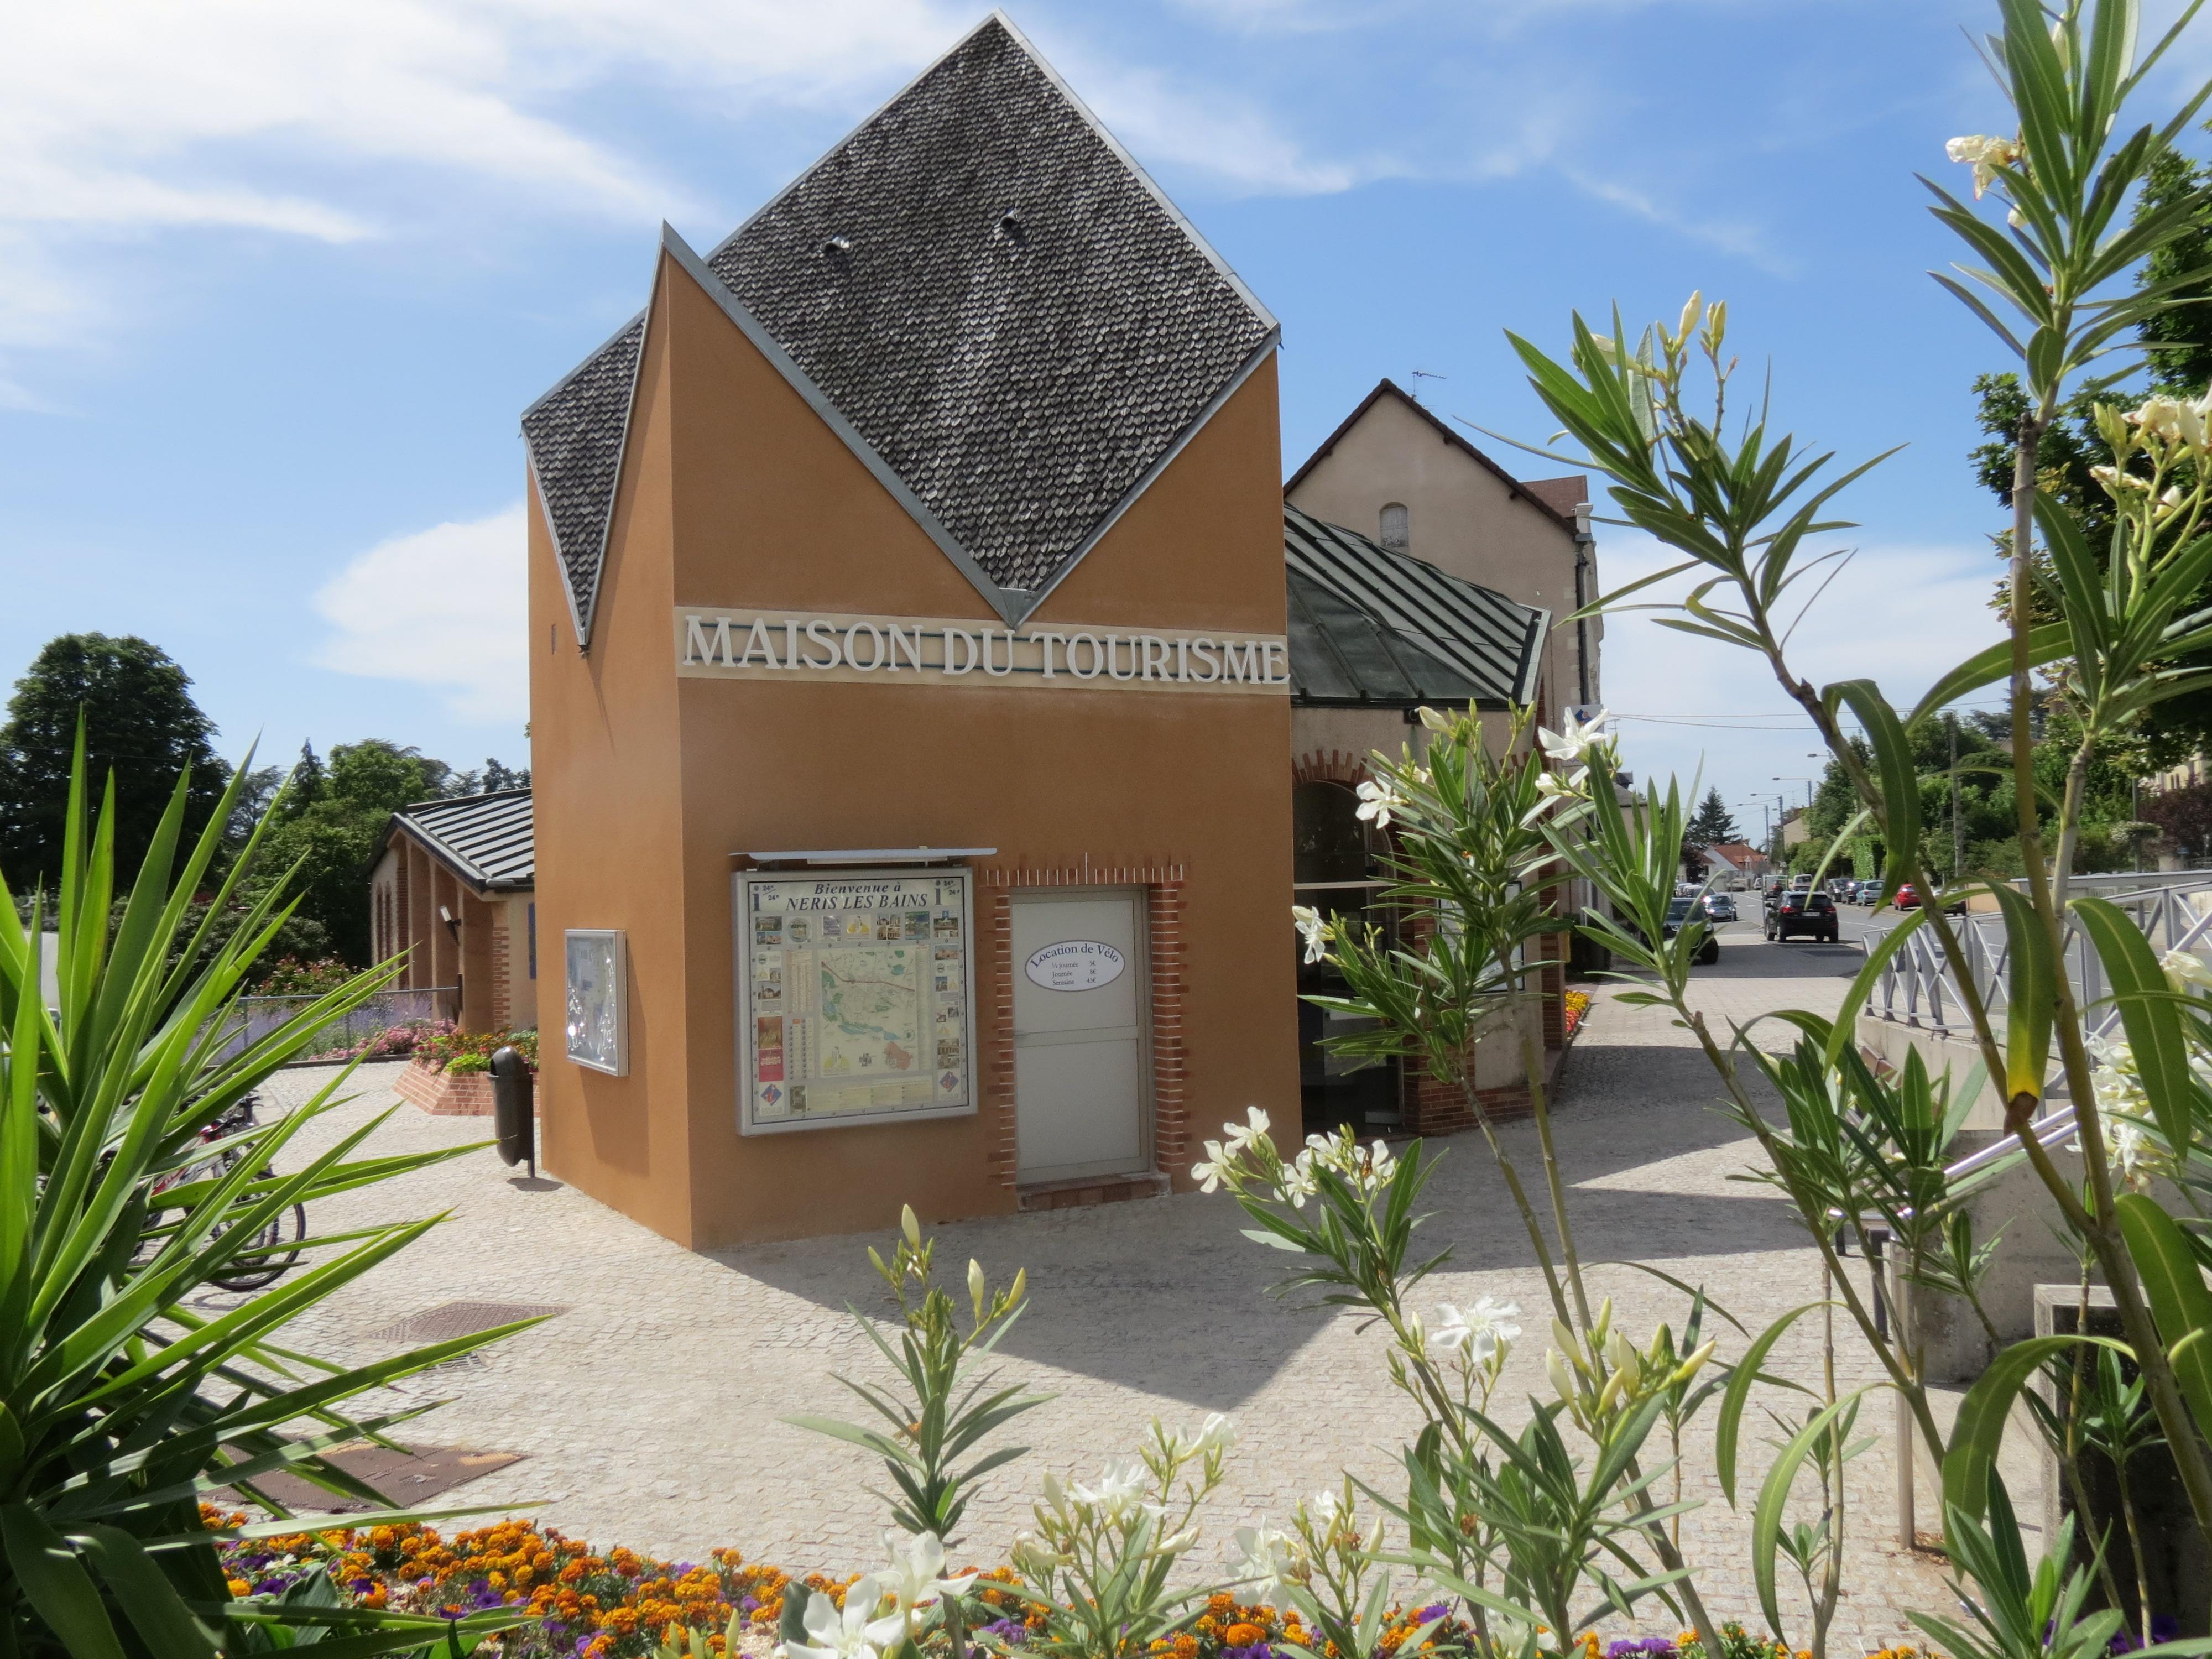 Horaires d ouverture office du tourisme de n ris les bains - Office du tourisme bordeaux horaires ...